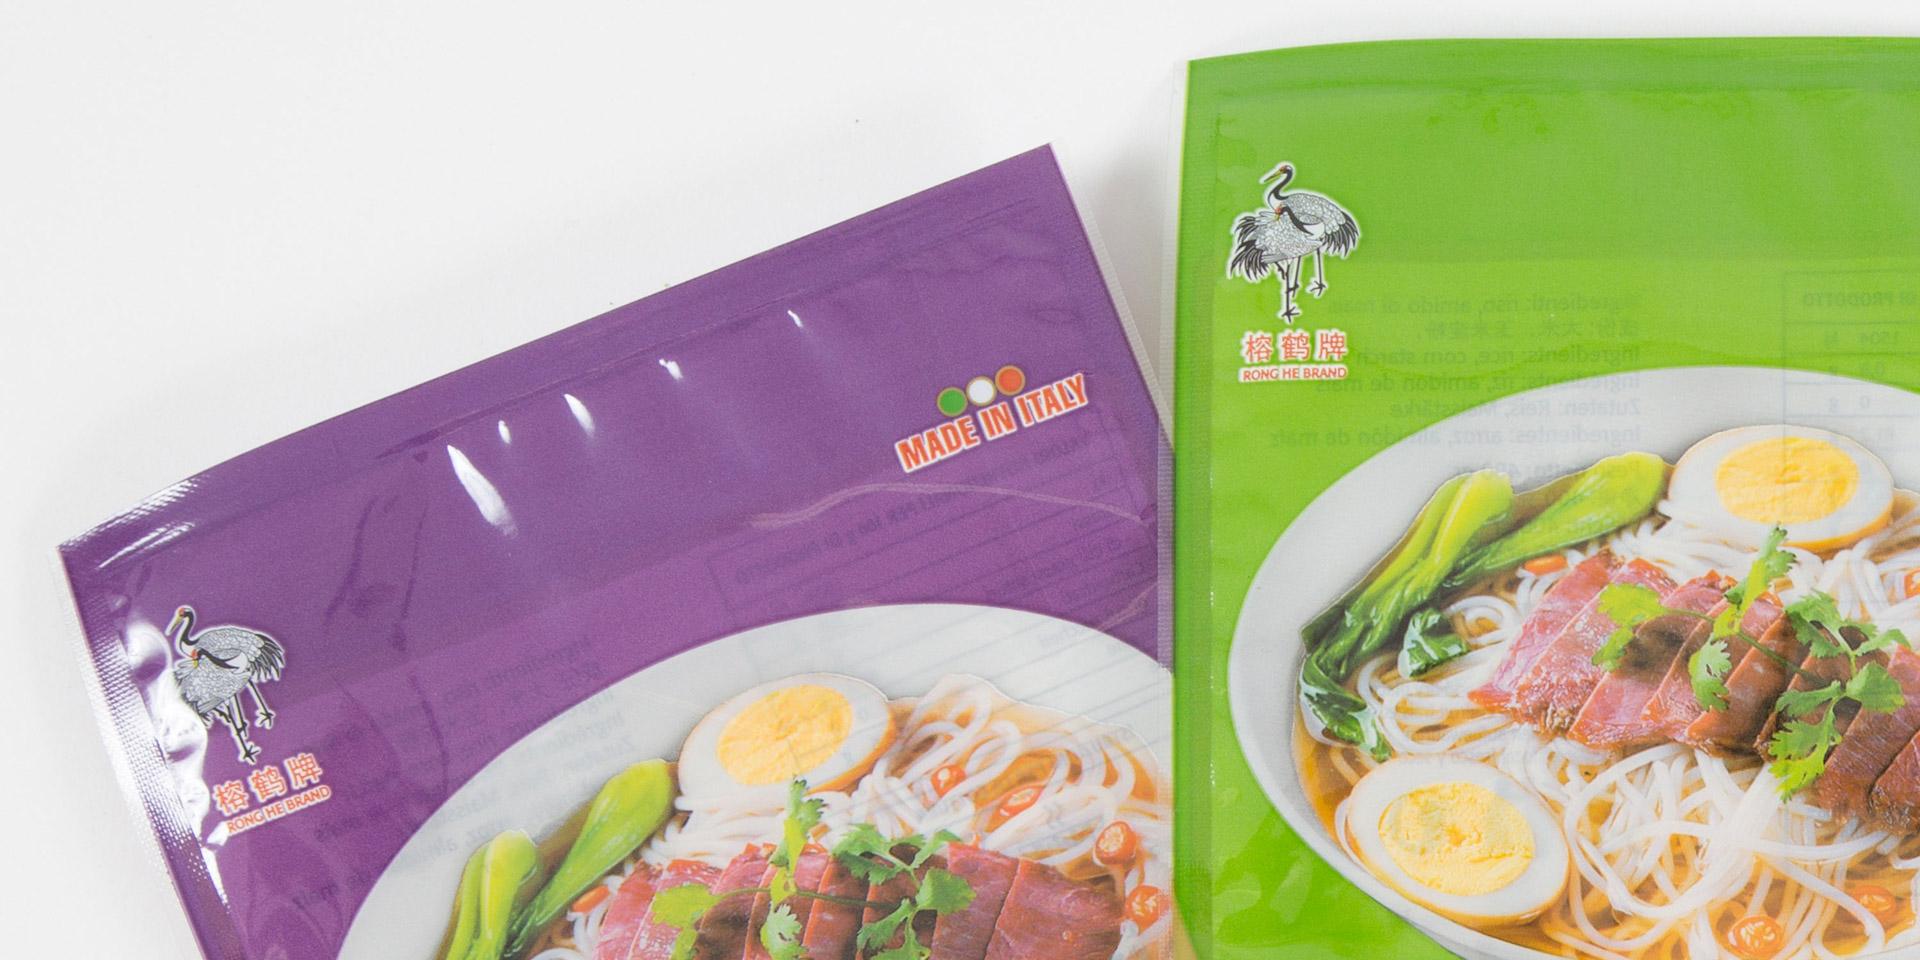 packaging dei prodotti